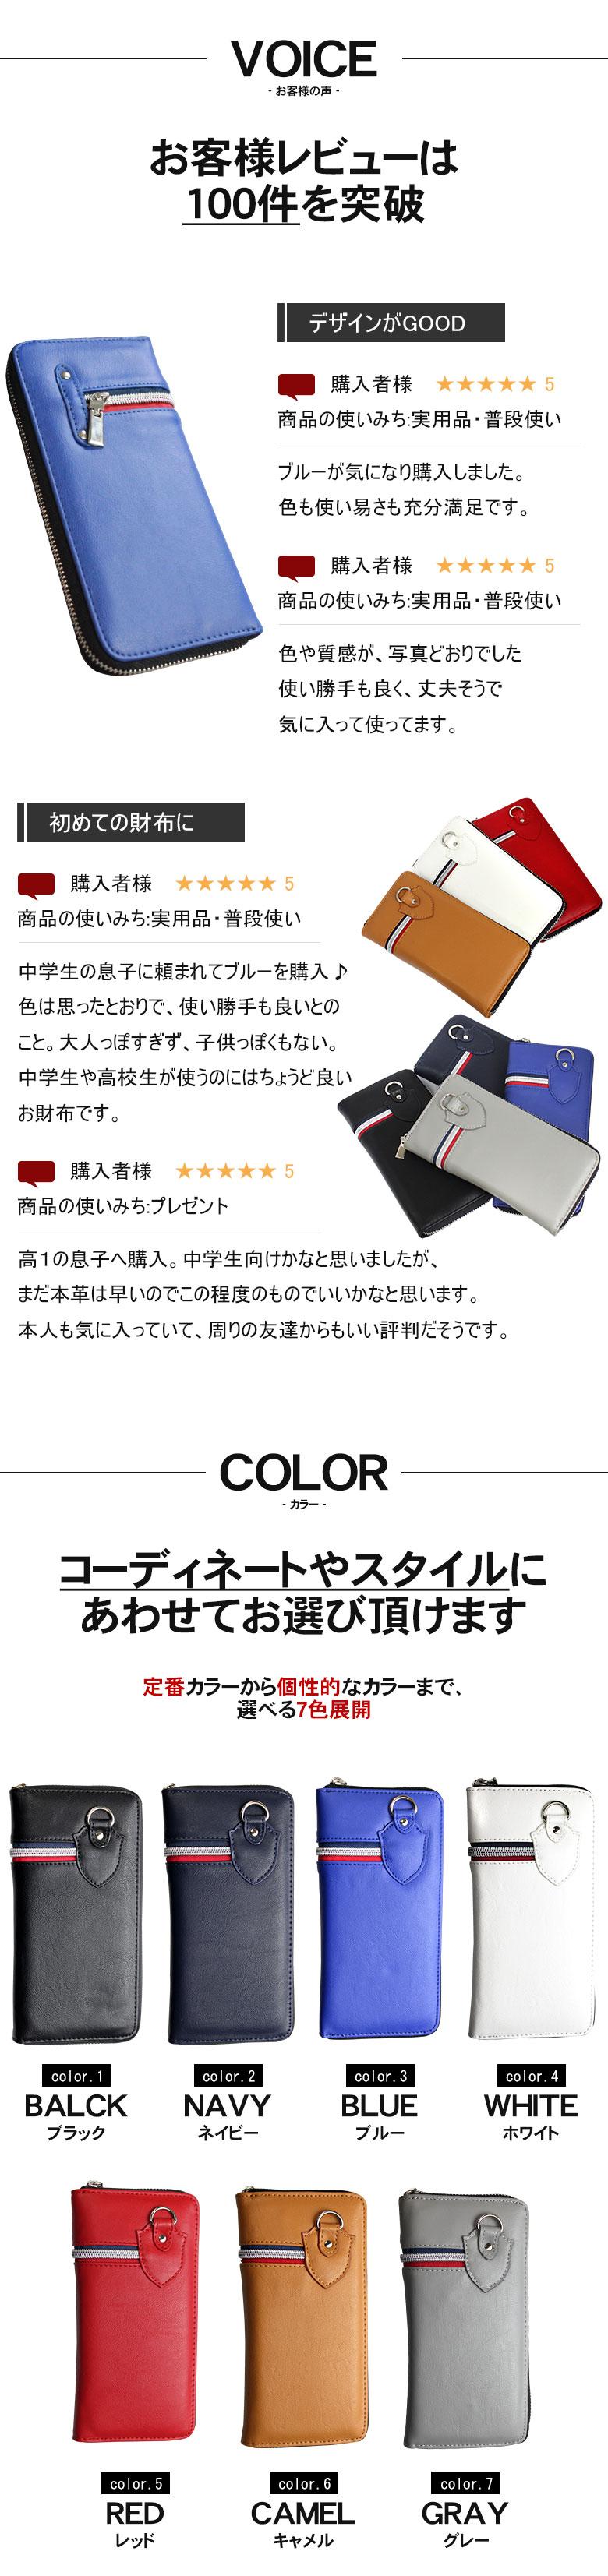 財布 通販 Dカン付き トリコロールジップ ロングウォレットブラック・ブルー・ネイビー・ホワイト・レッド・キャメル・グレー 合成皮革